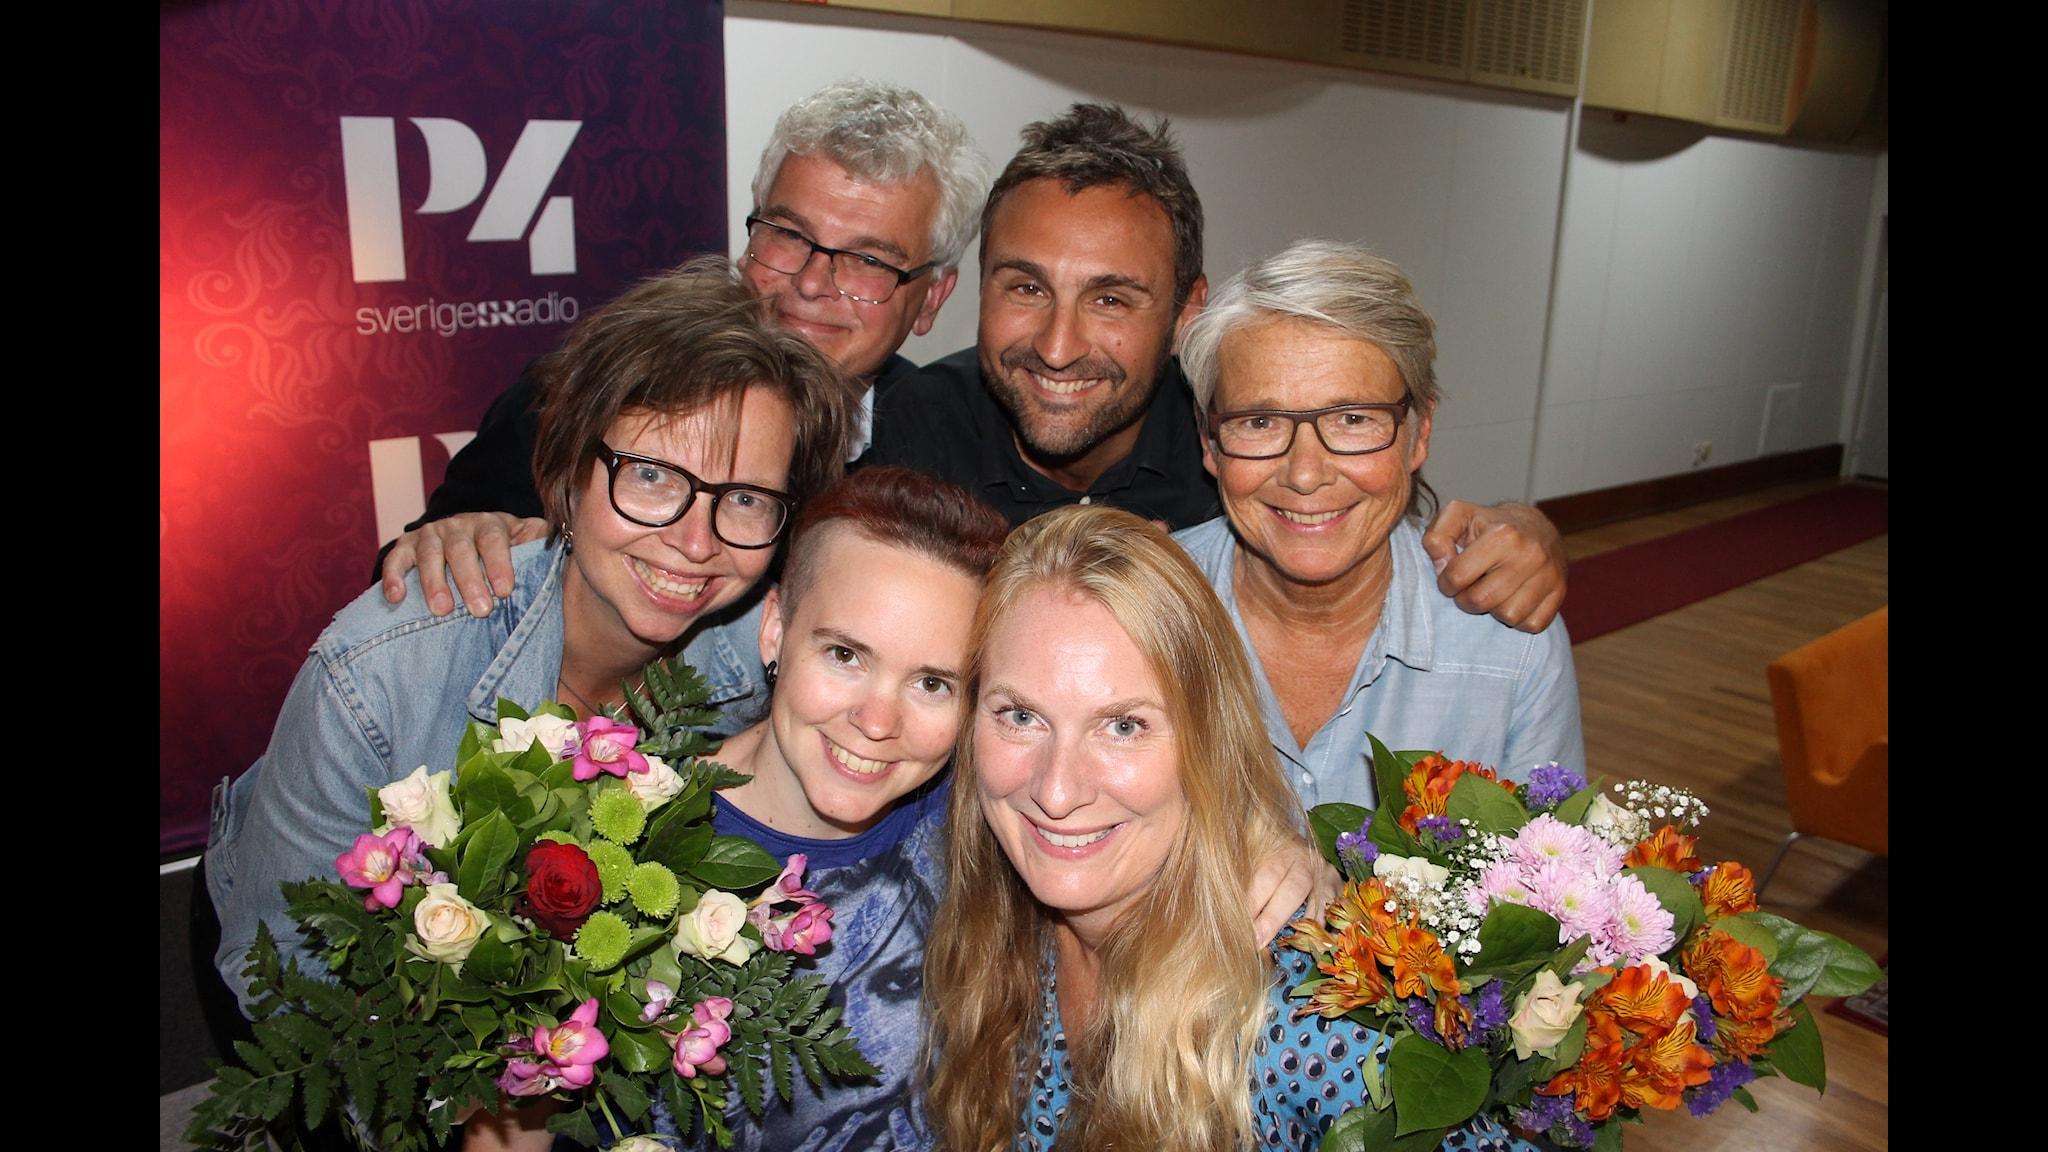 Marianne Hasslow, Johar Bendjelloul, Maja Aase och Mårten Castenfors